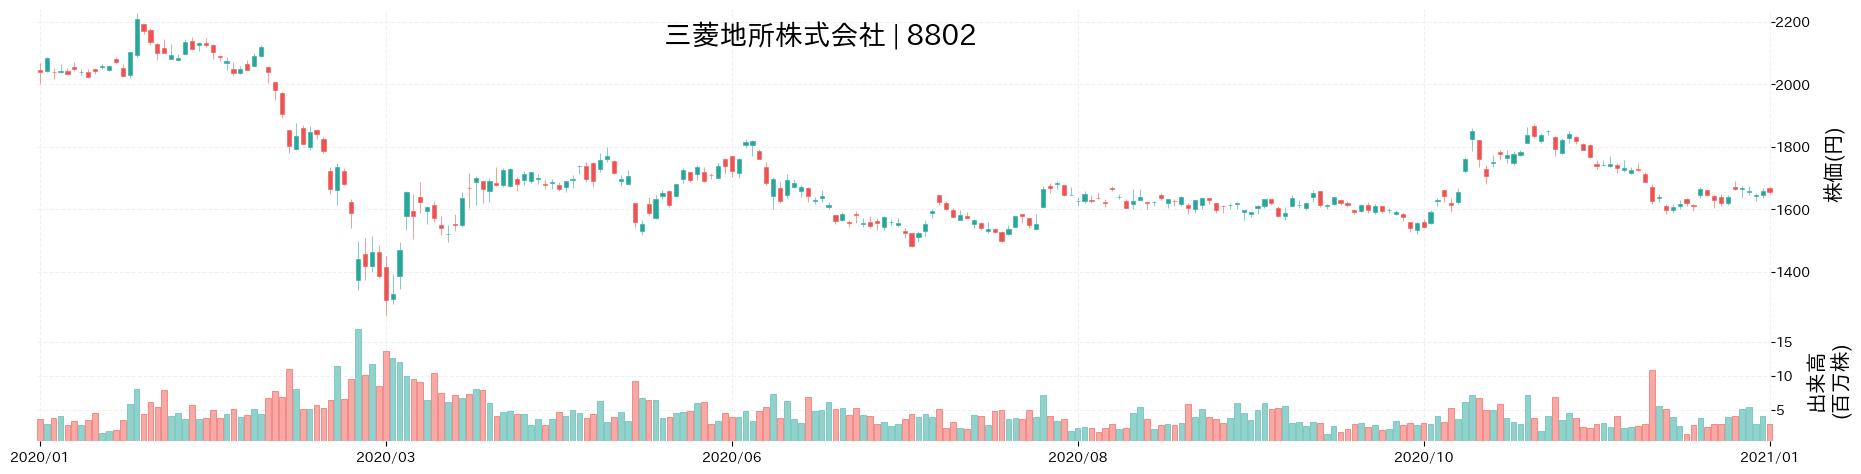 三菱地所株式会社の株価推移(2020)